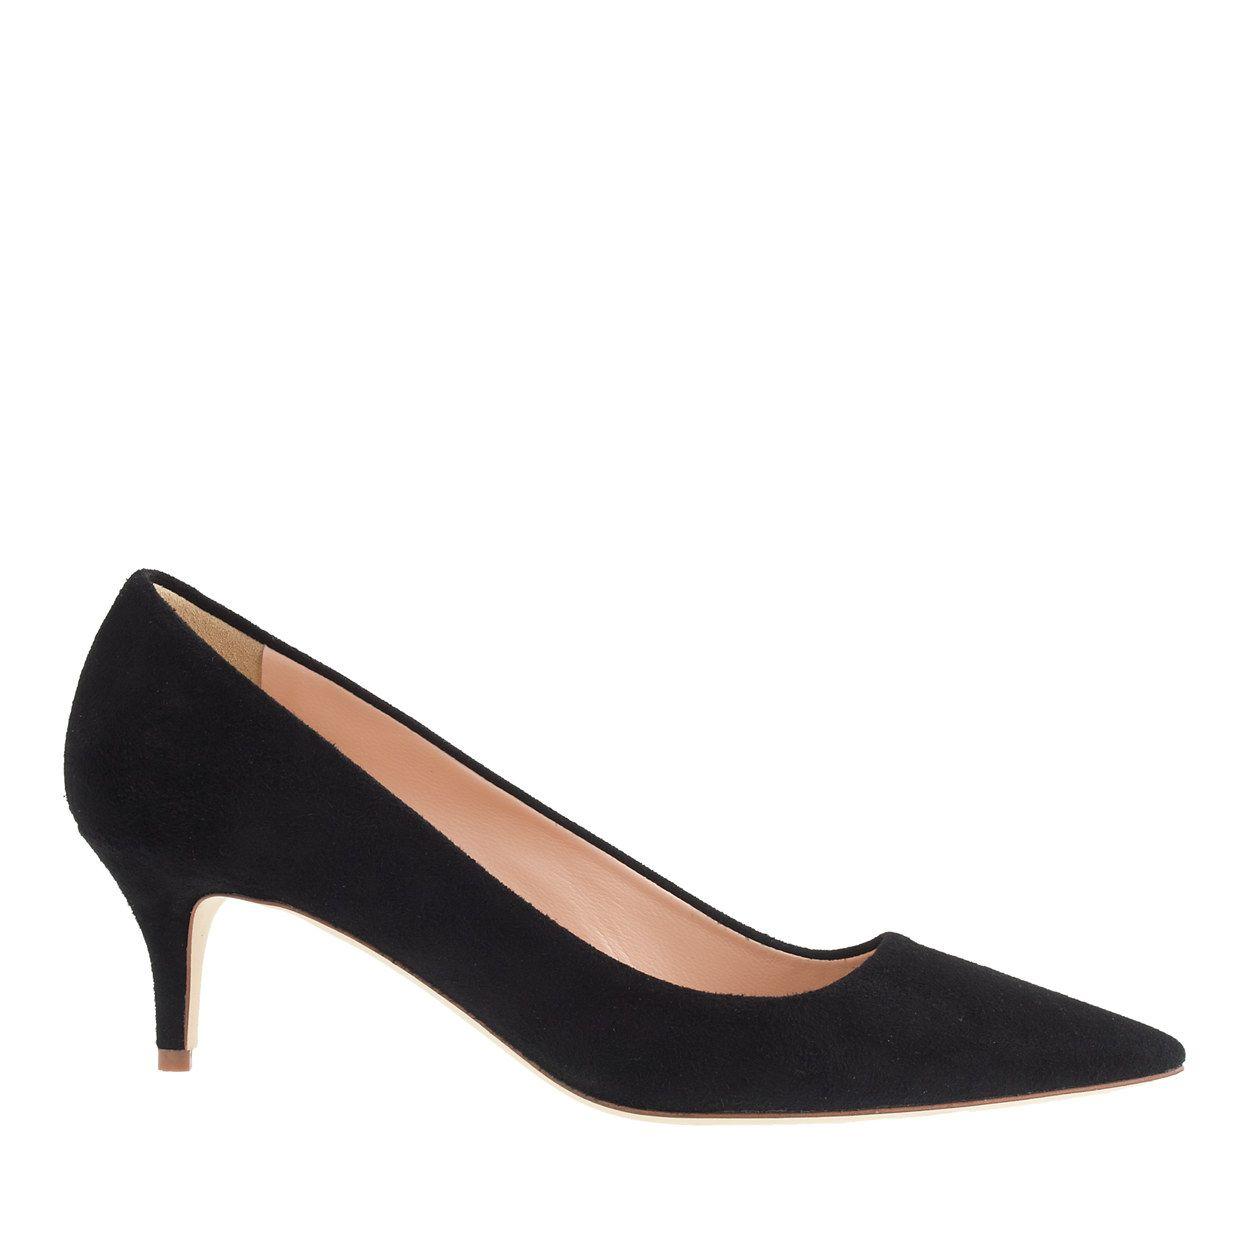 40a2d2a5801 Dulci suede kitten heels - pumps   heels - Women s shoes - J.Crew ...